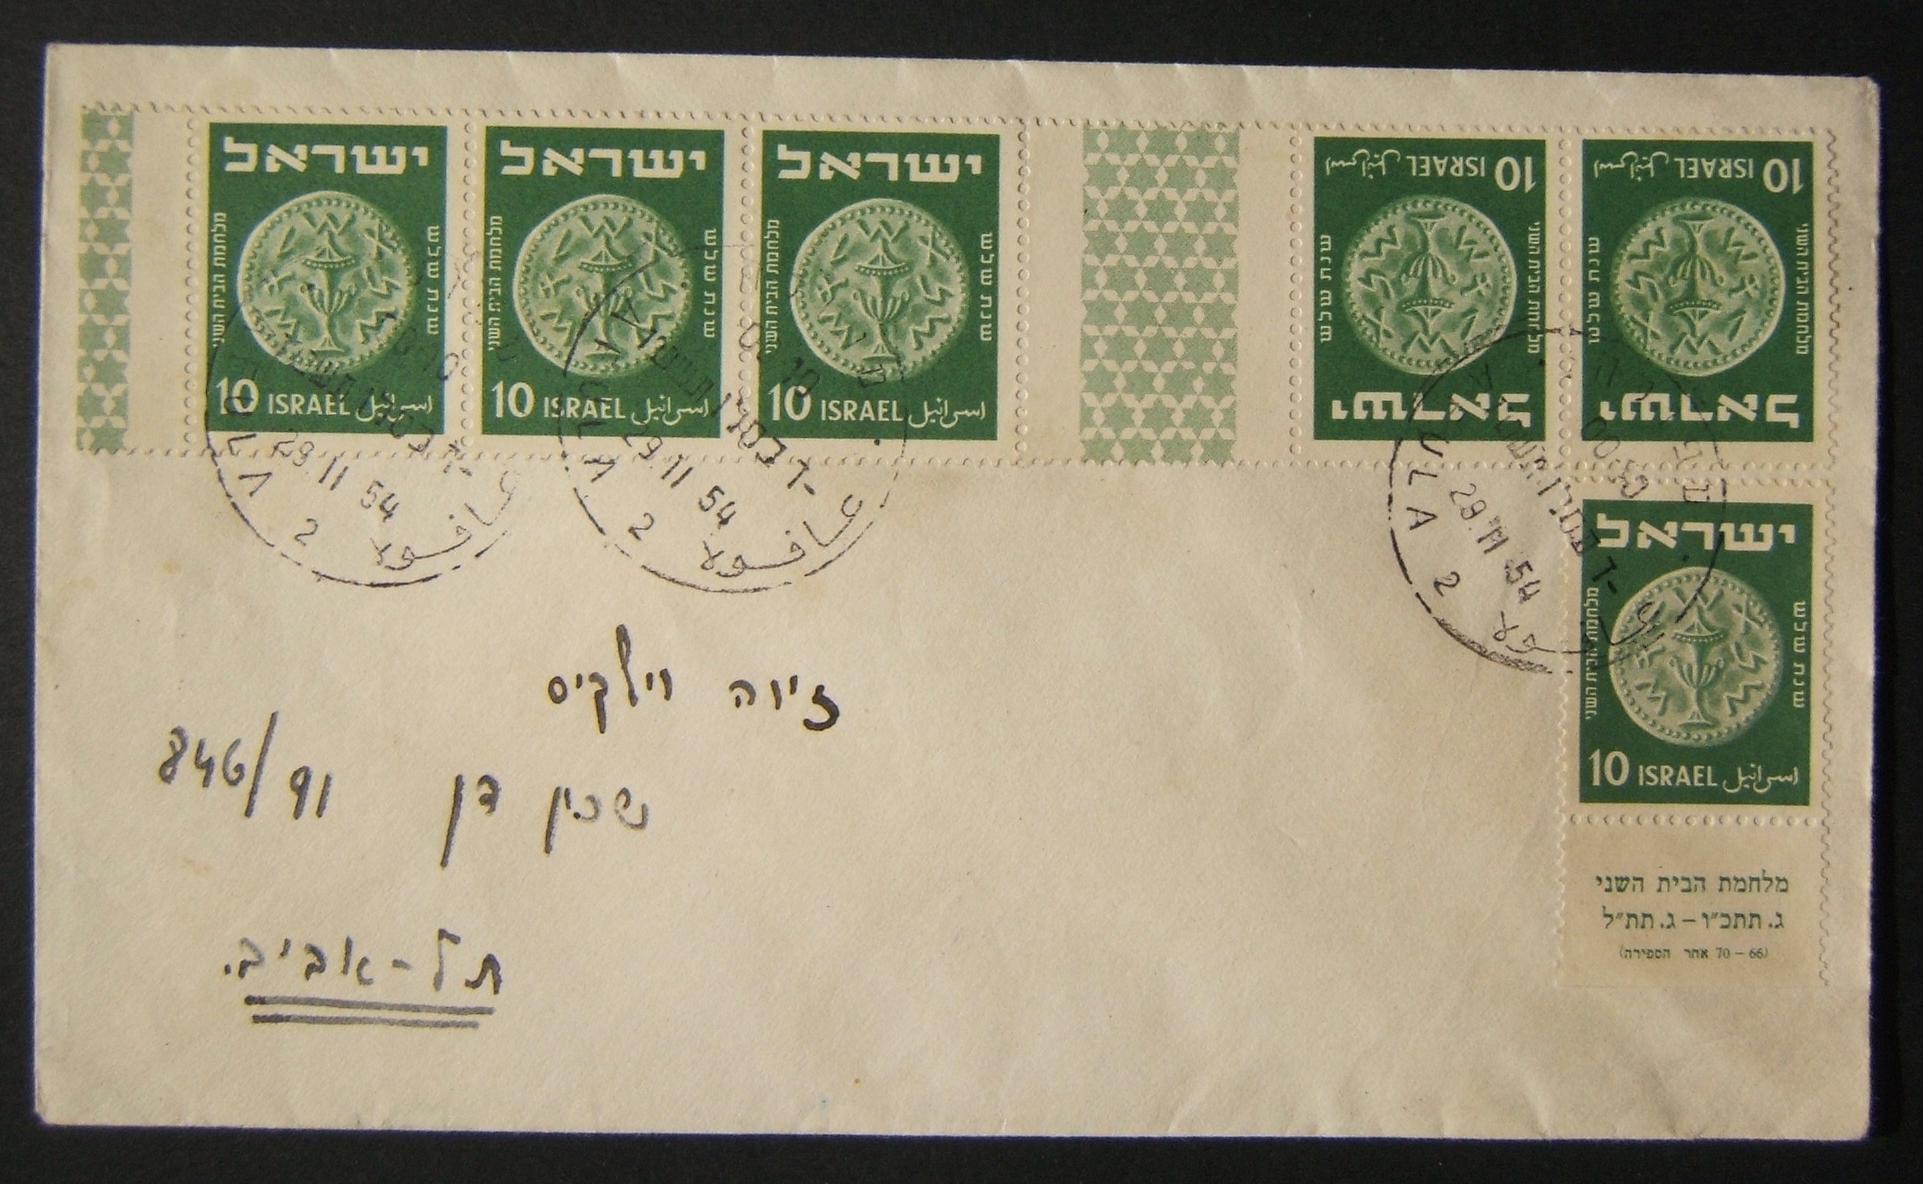 1954 עפולה לדואר תל-אביב עם צמד תרנגול בודד עם שלושה מטבעות